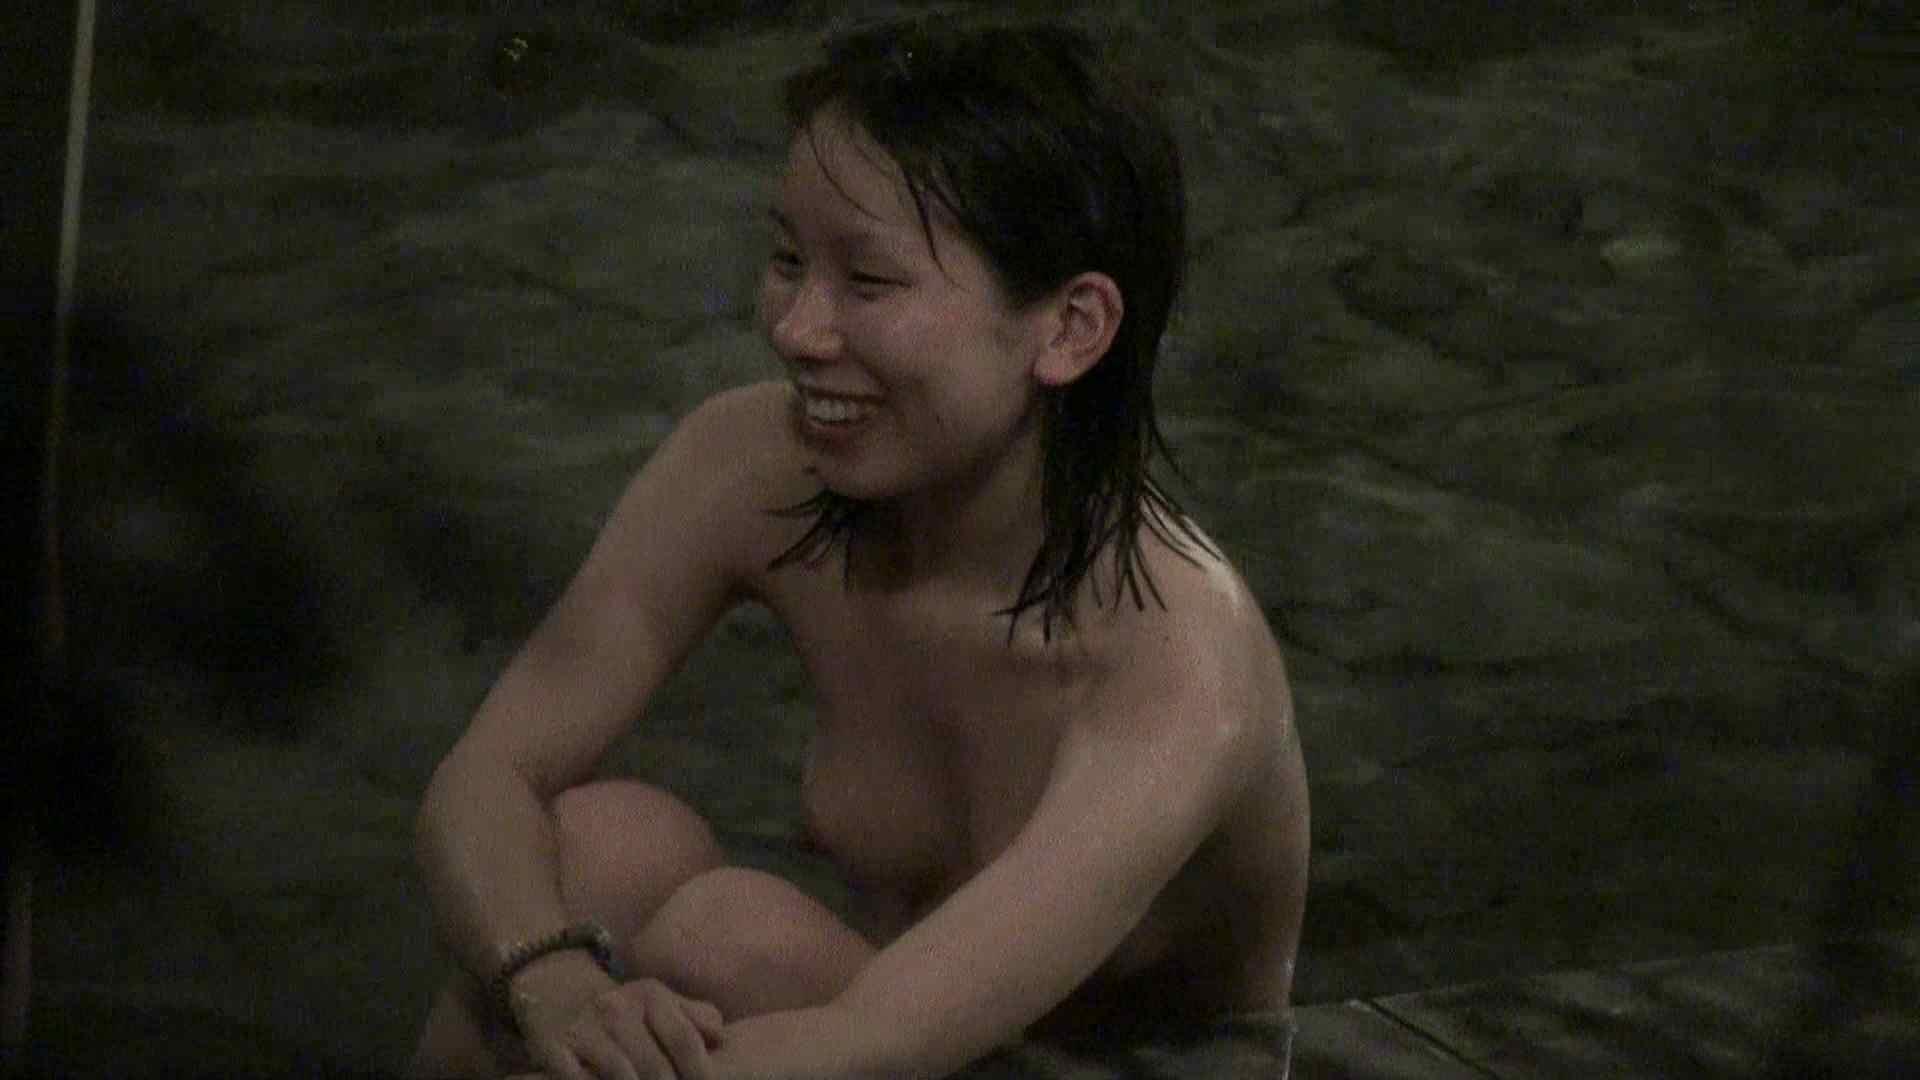 Aquaな露天風呂Vol.363 盗撮  90画像 42